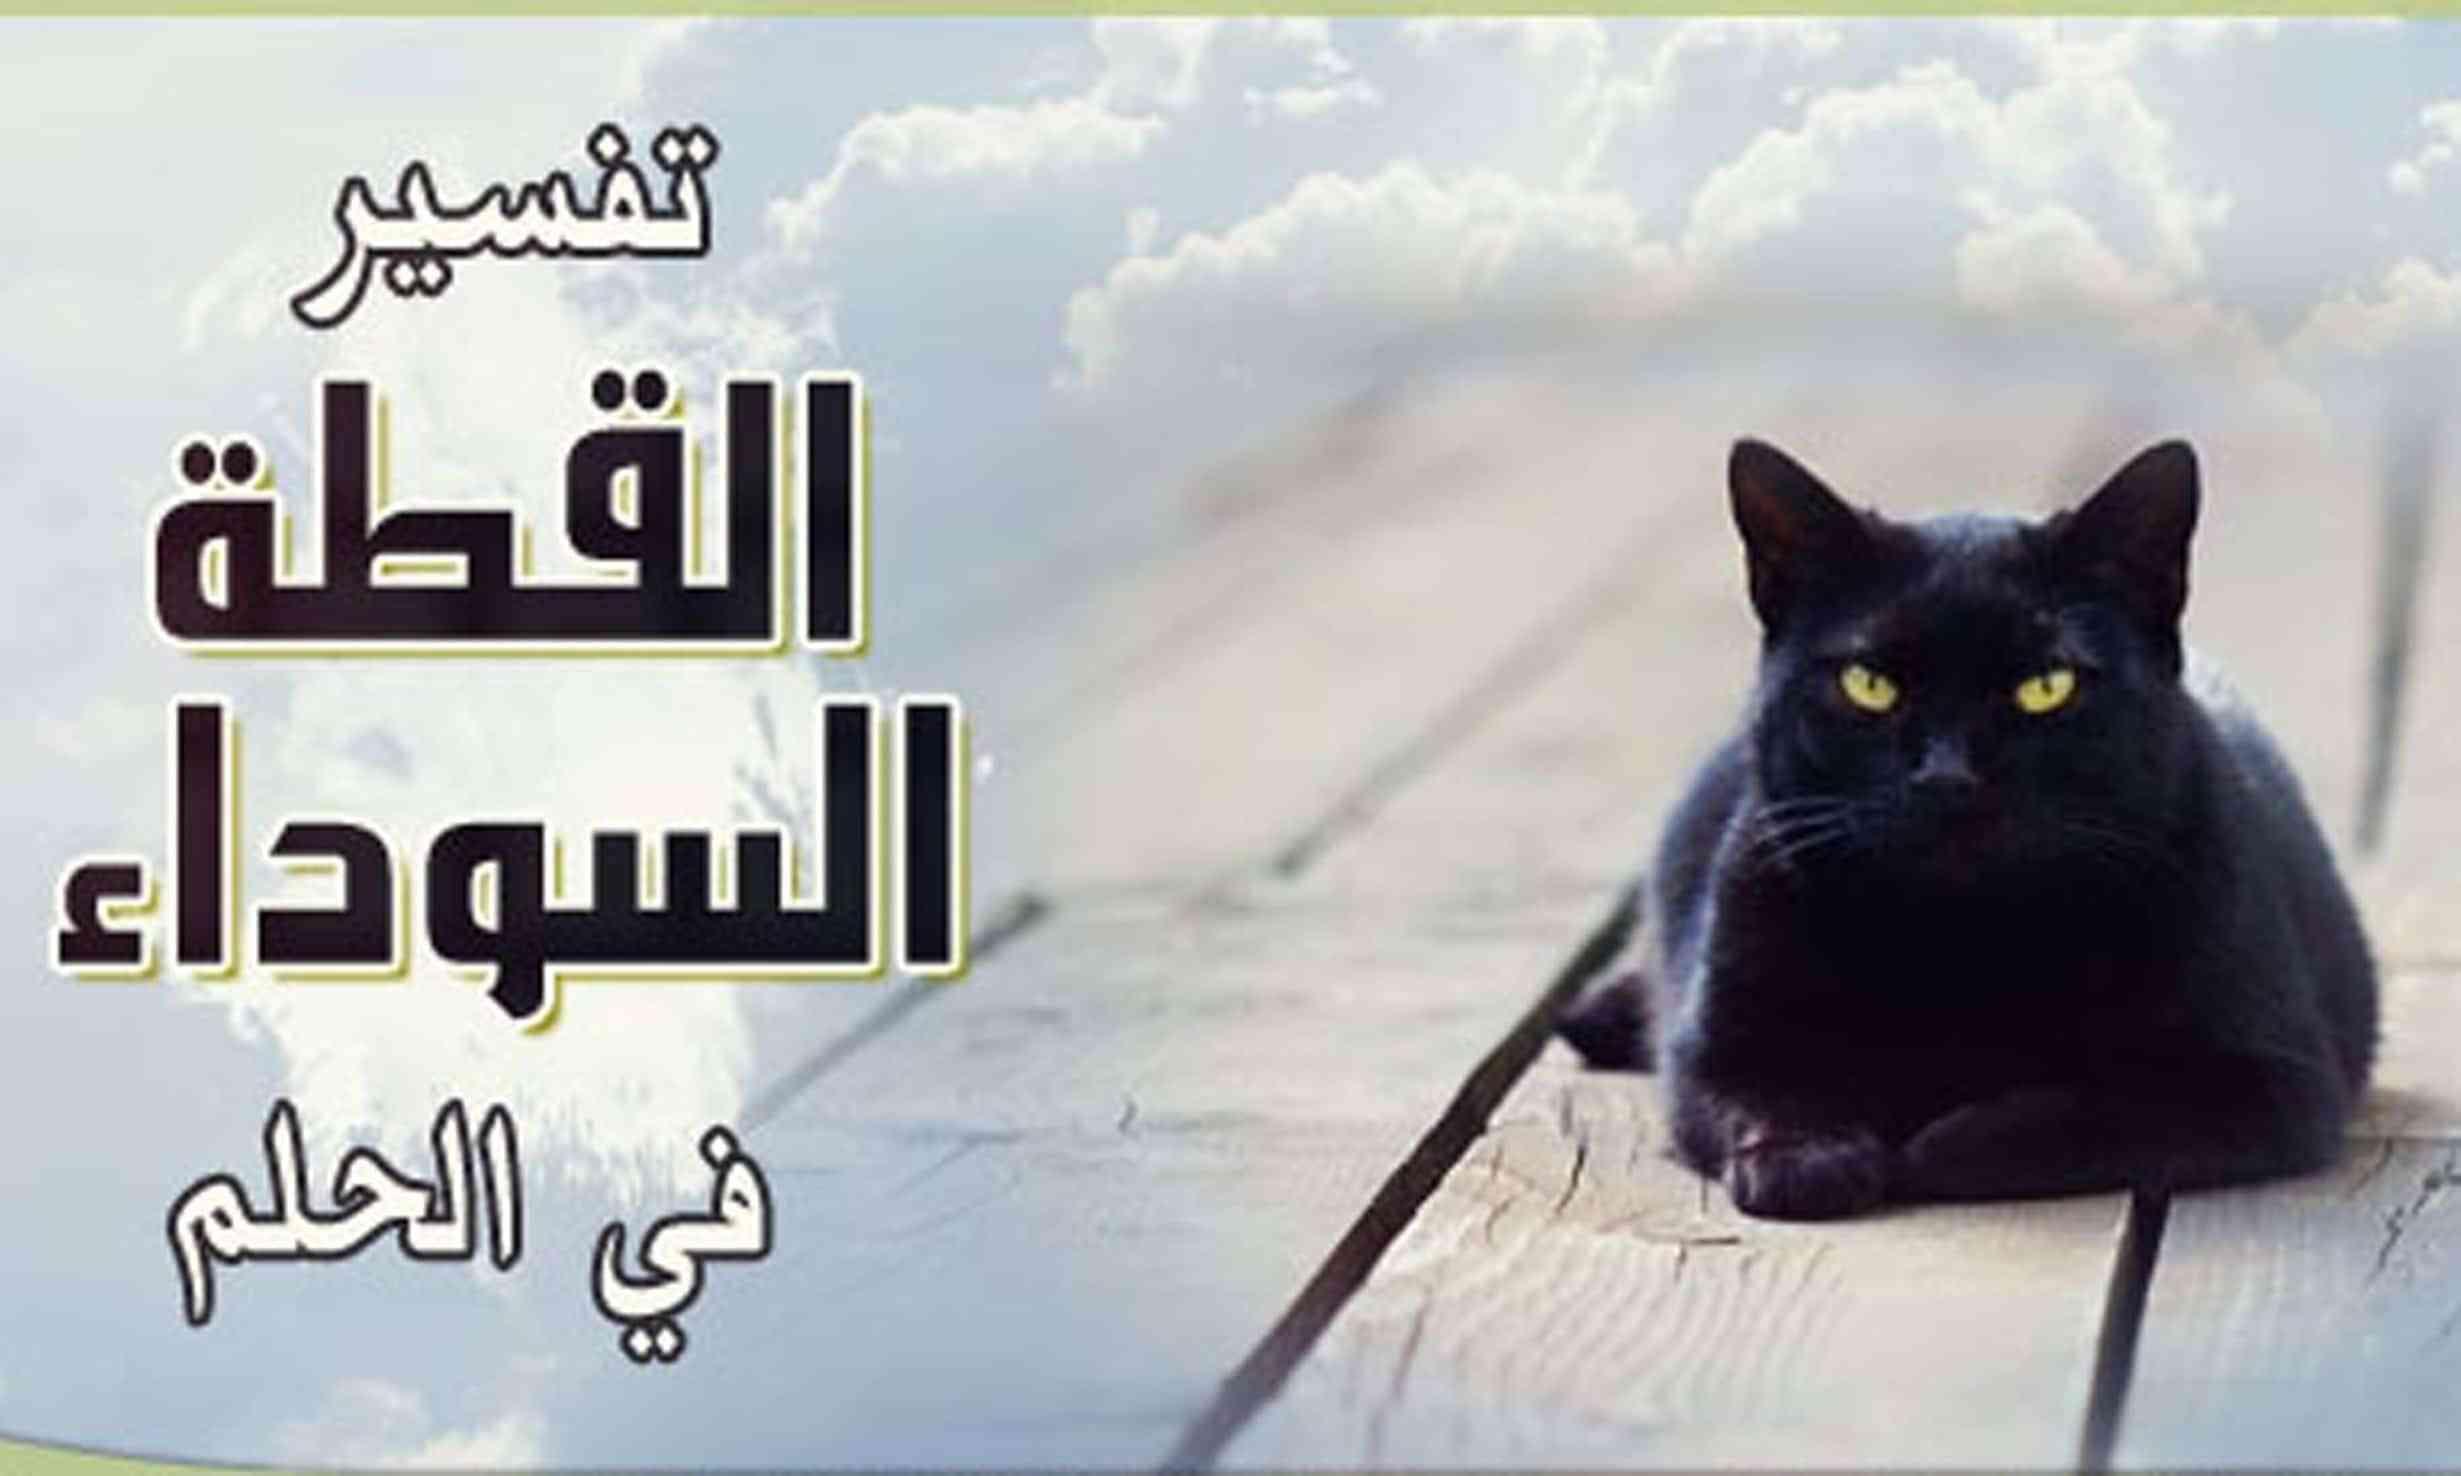 تفسير حلم القطط في المنام مجلة رجيم